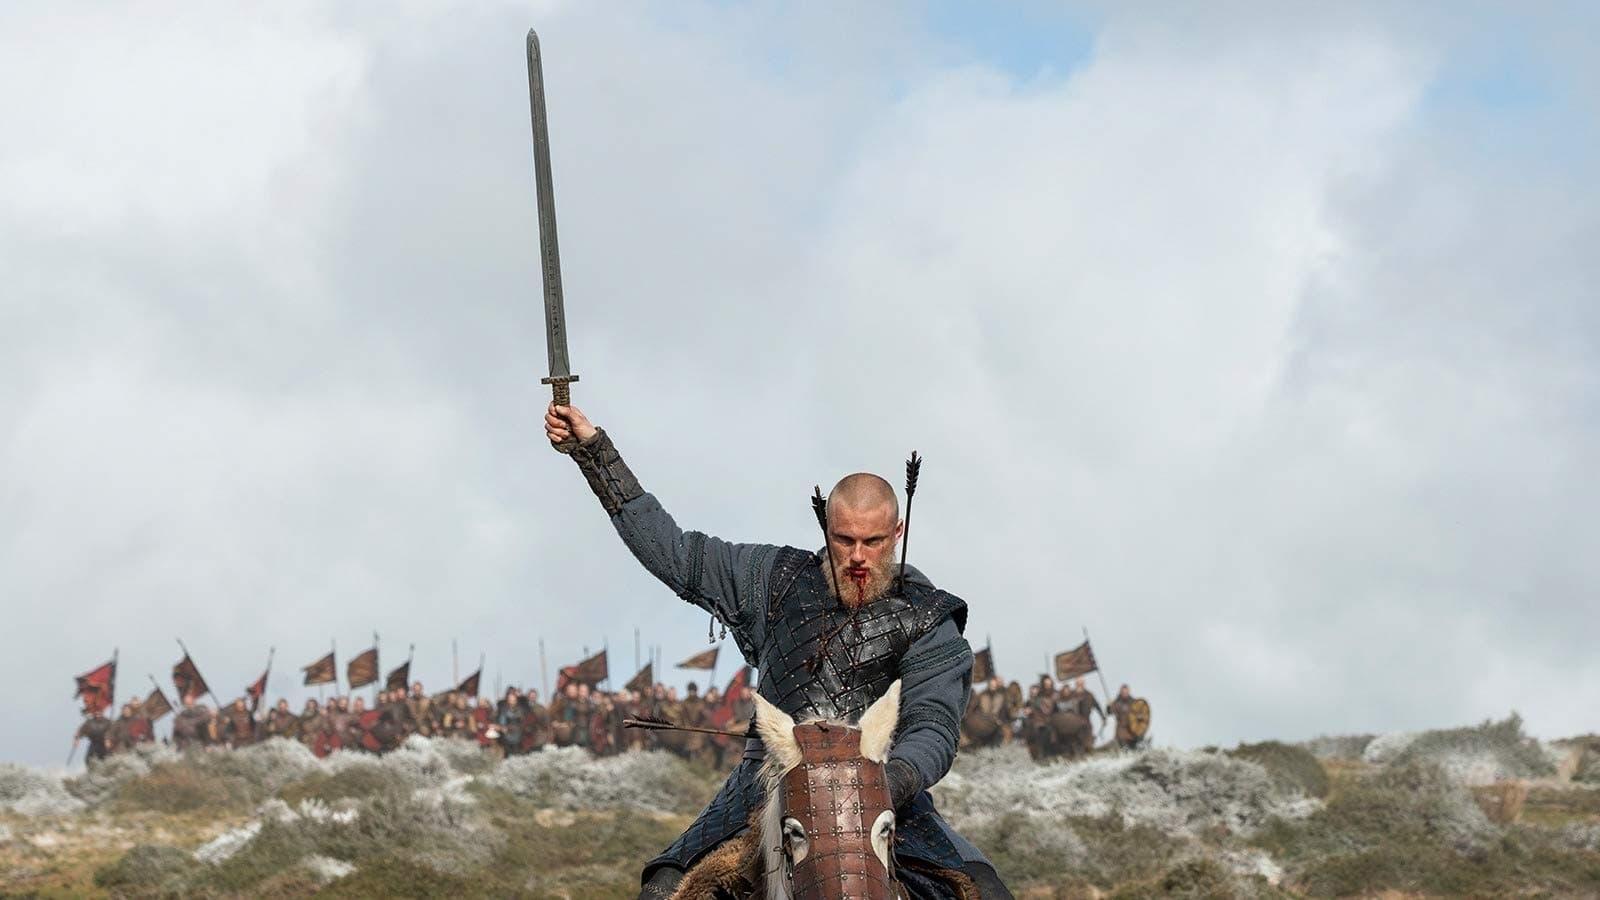 Voir vikings saison 6 en streaming vf ou vostfr gratuitement en complet de tous les 89 épisodes stream gratuit. Vikings Saison 6 Episode 11 Streaming Vf Papystreaming